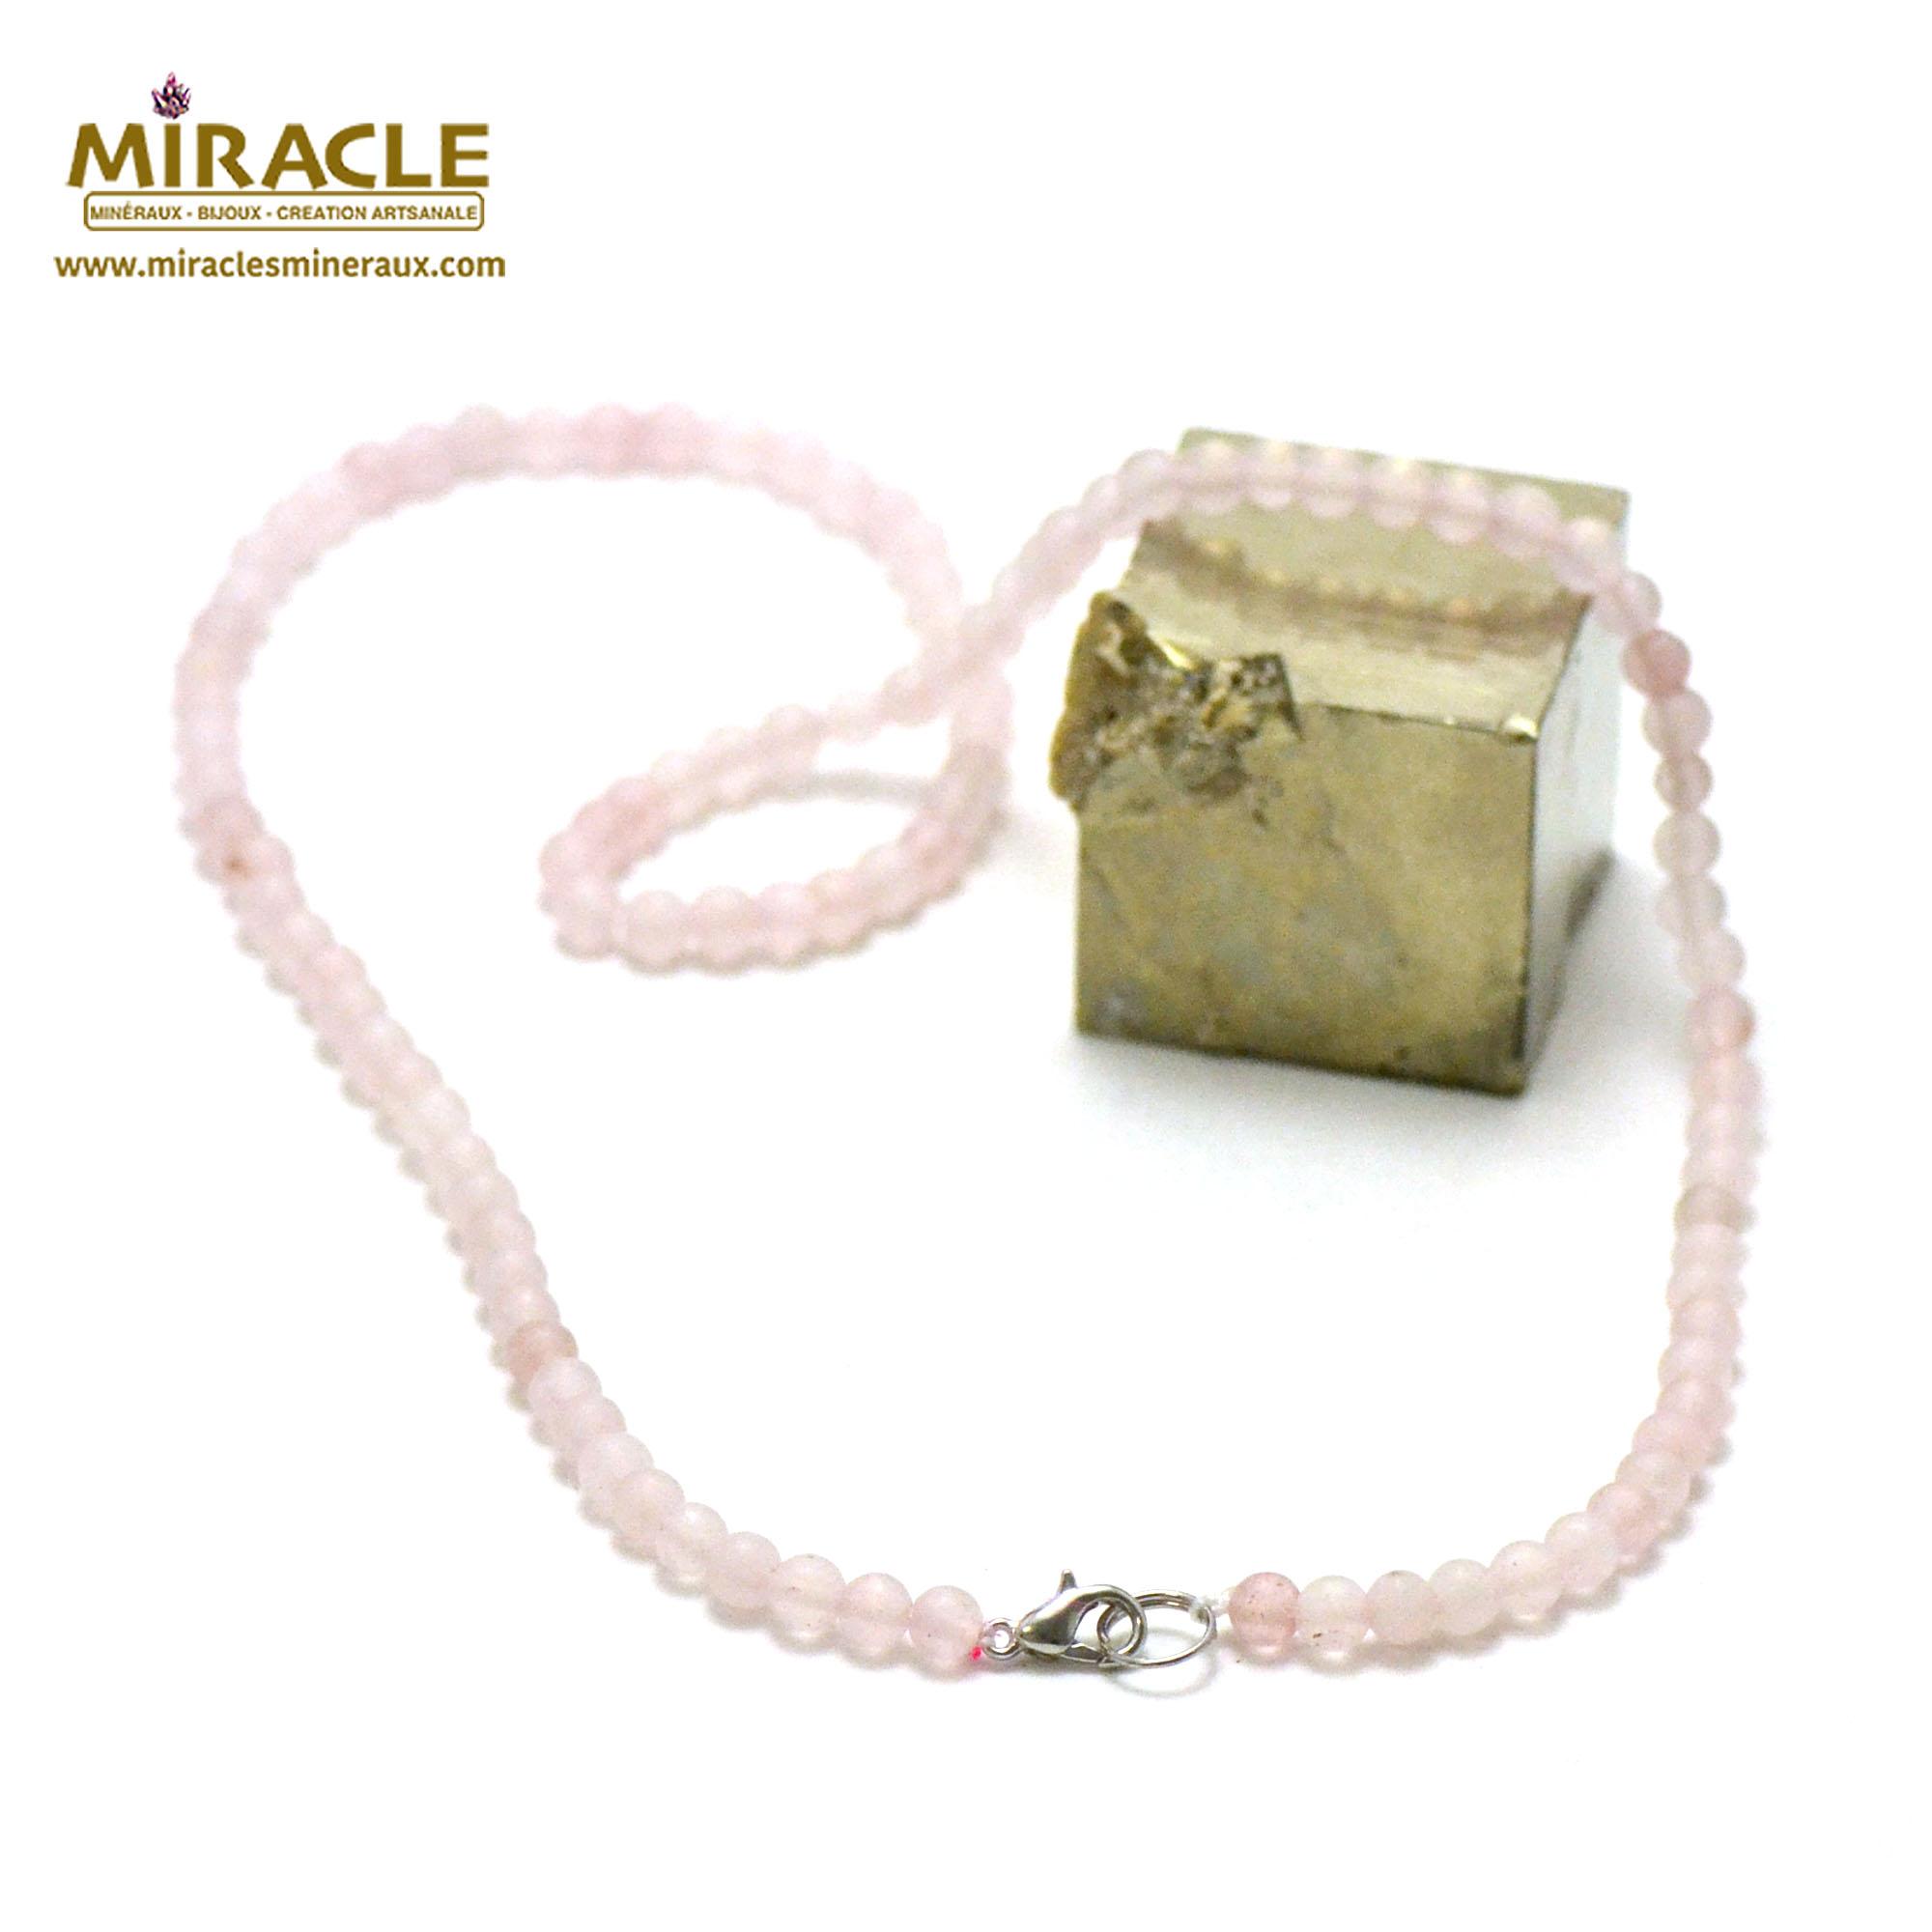 collier quartz rose givré perle mat ronde 4 mm